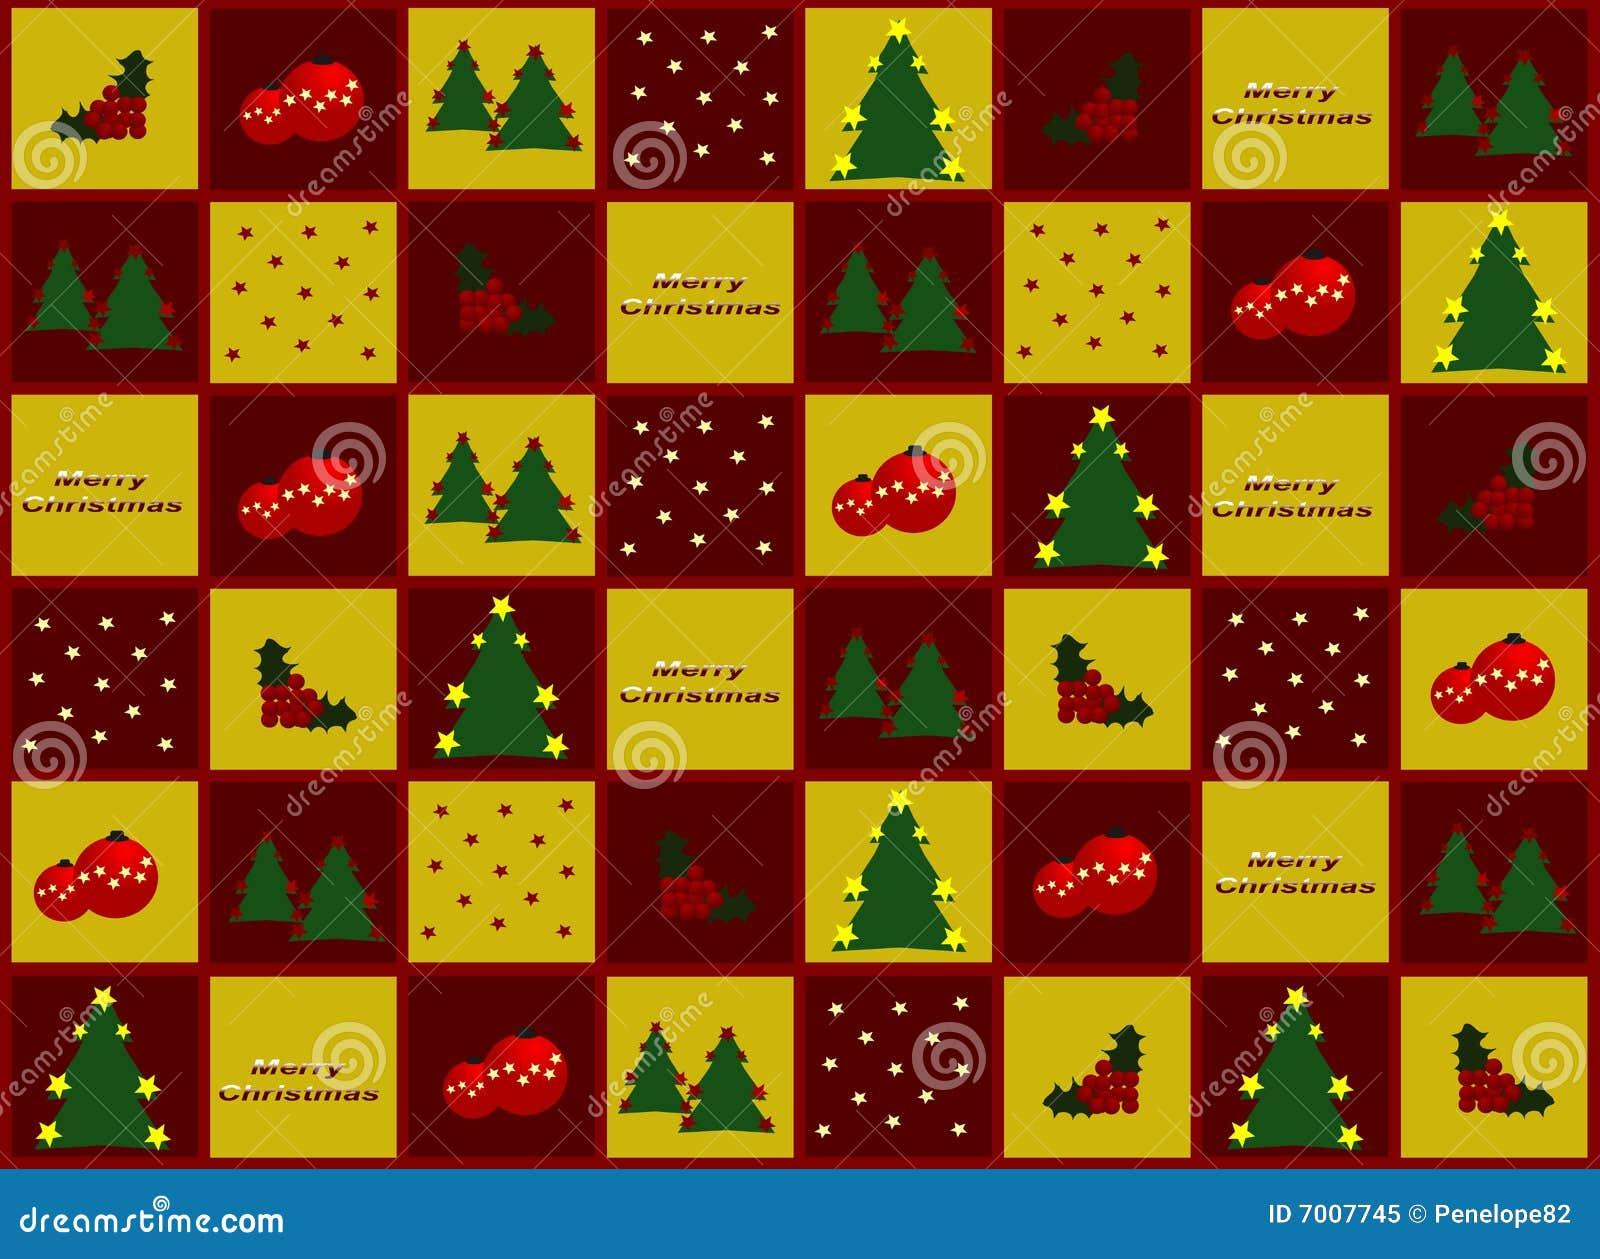 Papel del regalo de la navidad foto de archivo libre de - Papel de regalo navidad ...